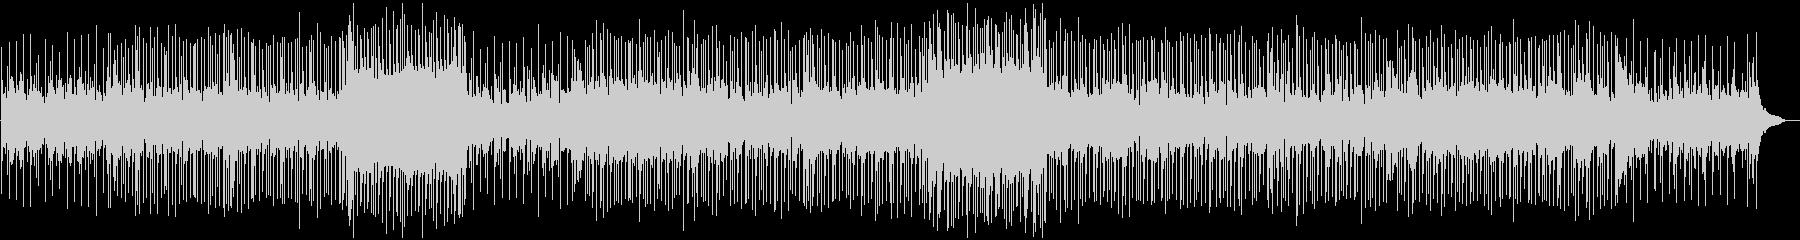 スローなバラード調の曲の未再生の波形